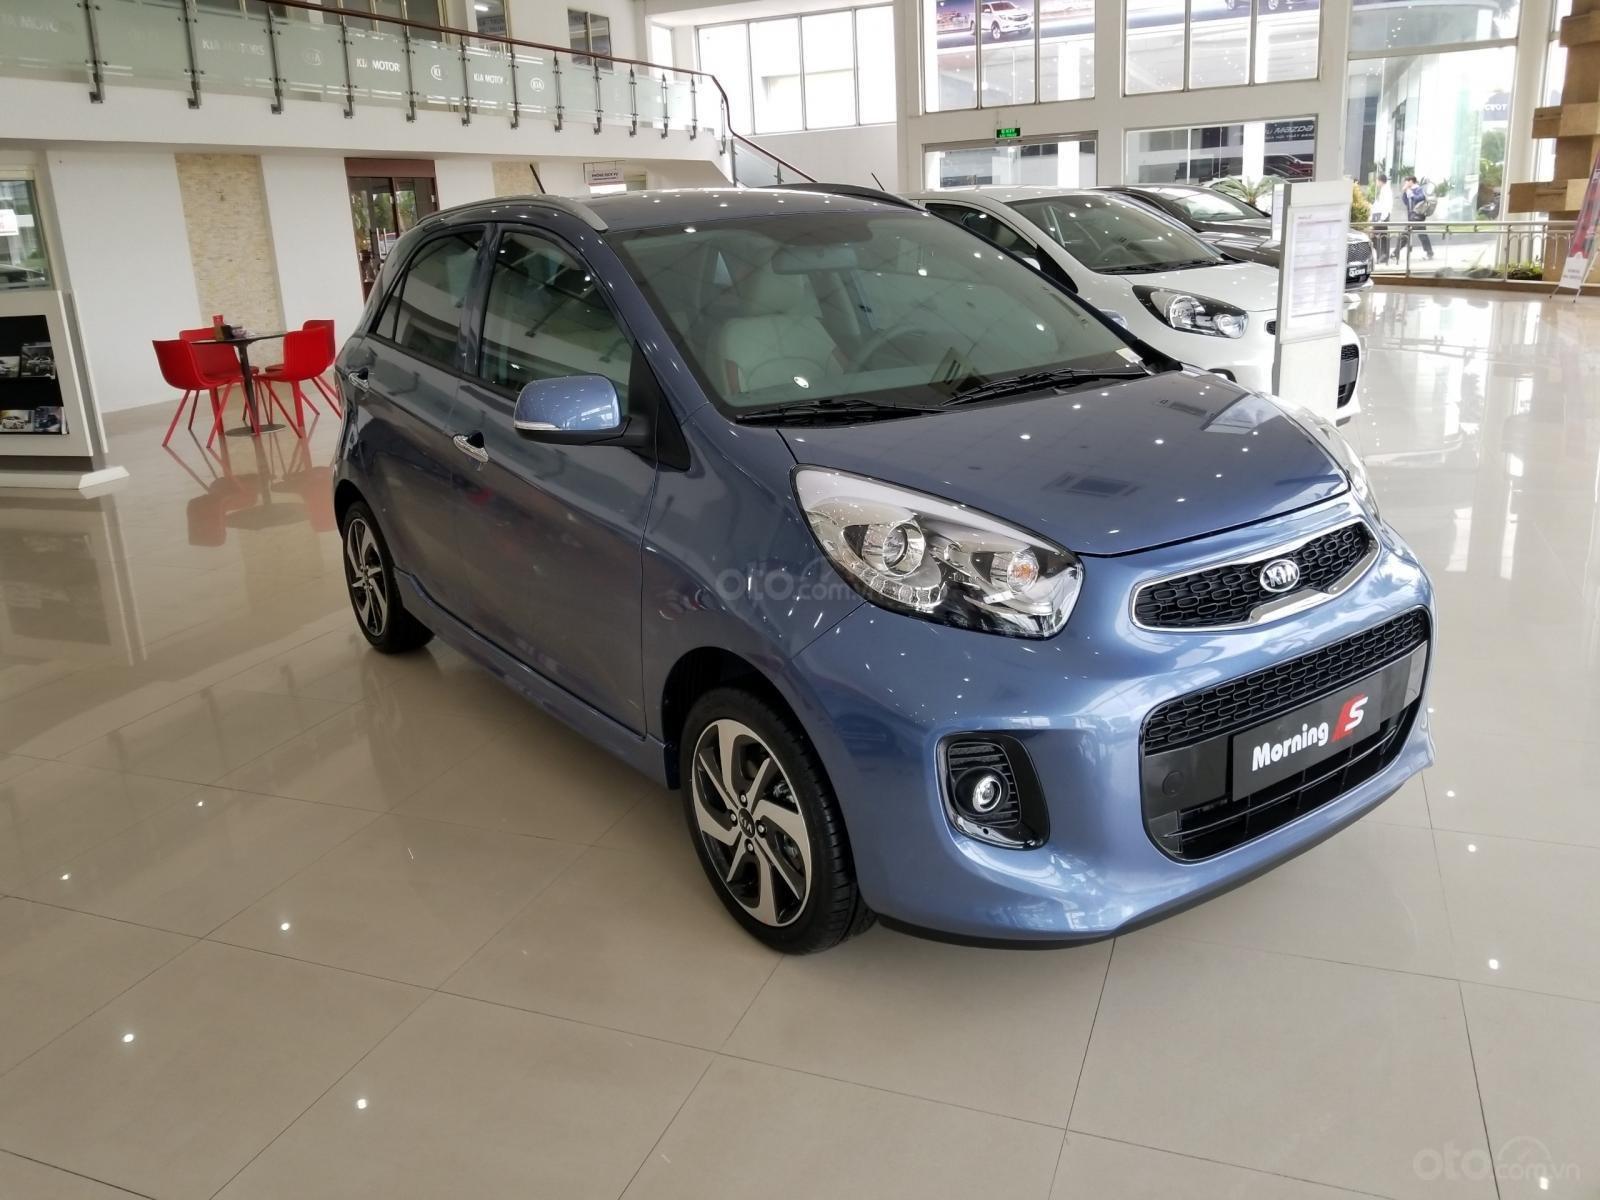 Khuyến mại xe Kia tháng 9 năm 2019: Kia Sedona ưu đãi 60 triệu đồng a3